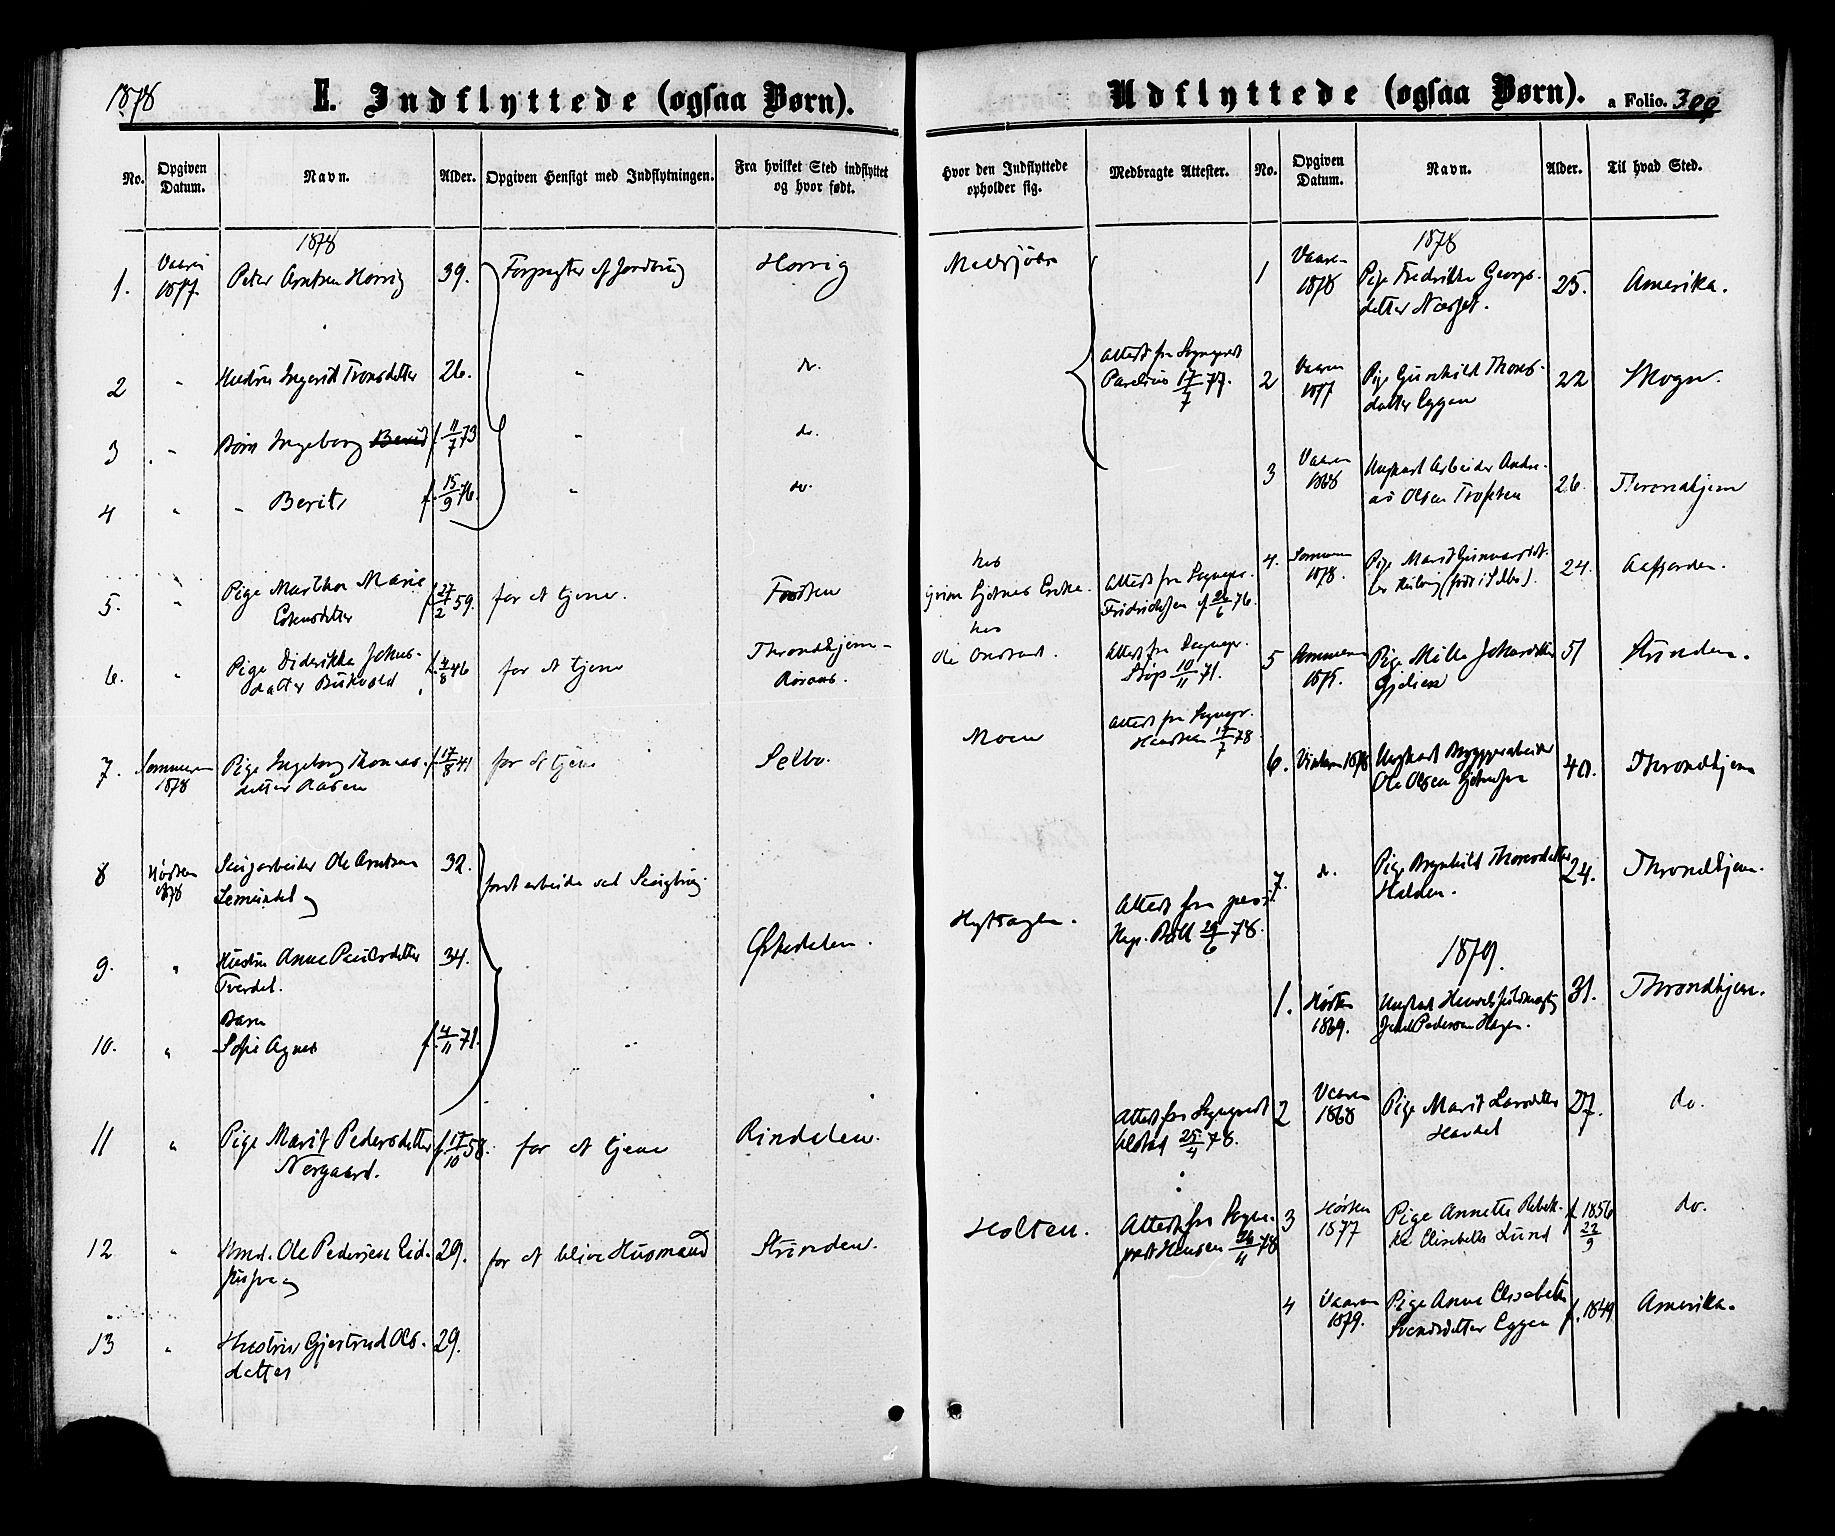 SAT, Ministerialprotokoller, klokkerbøker og fødselsregistre - Sør-Trøndelag, 618/L0442: Ministerialbok nr. 618A06 /1, 1863-1879, s. 300